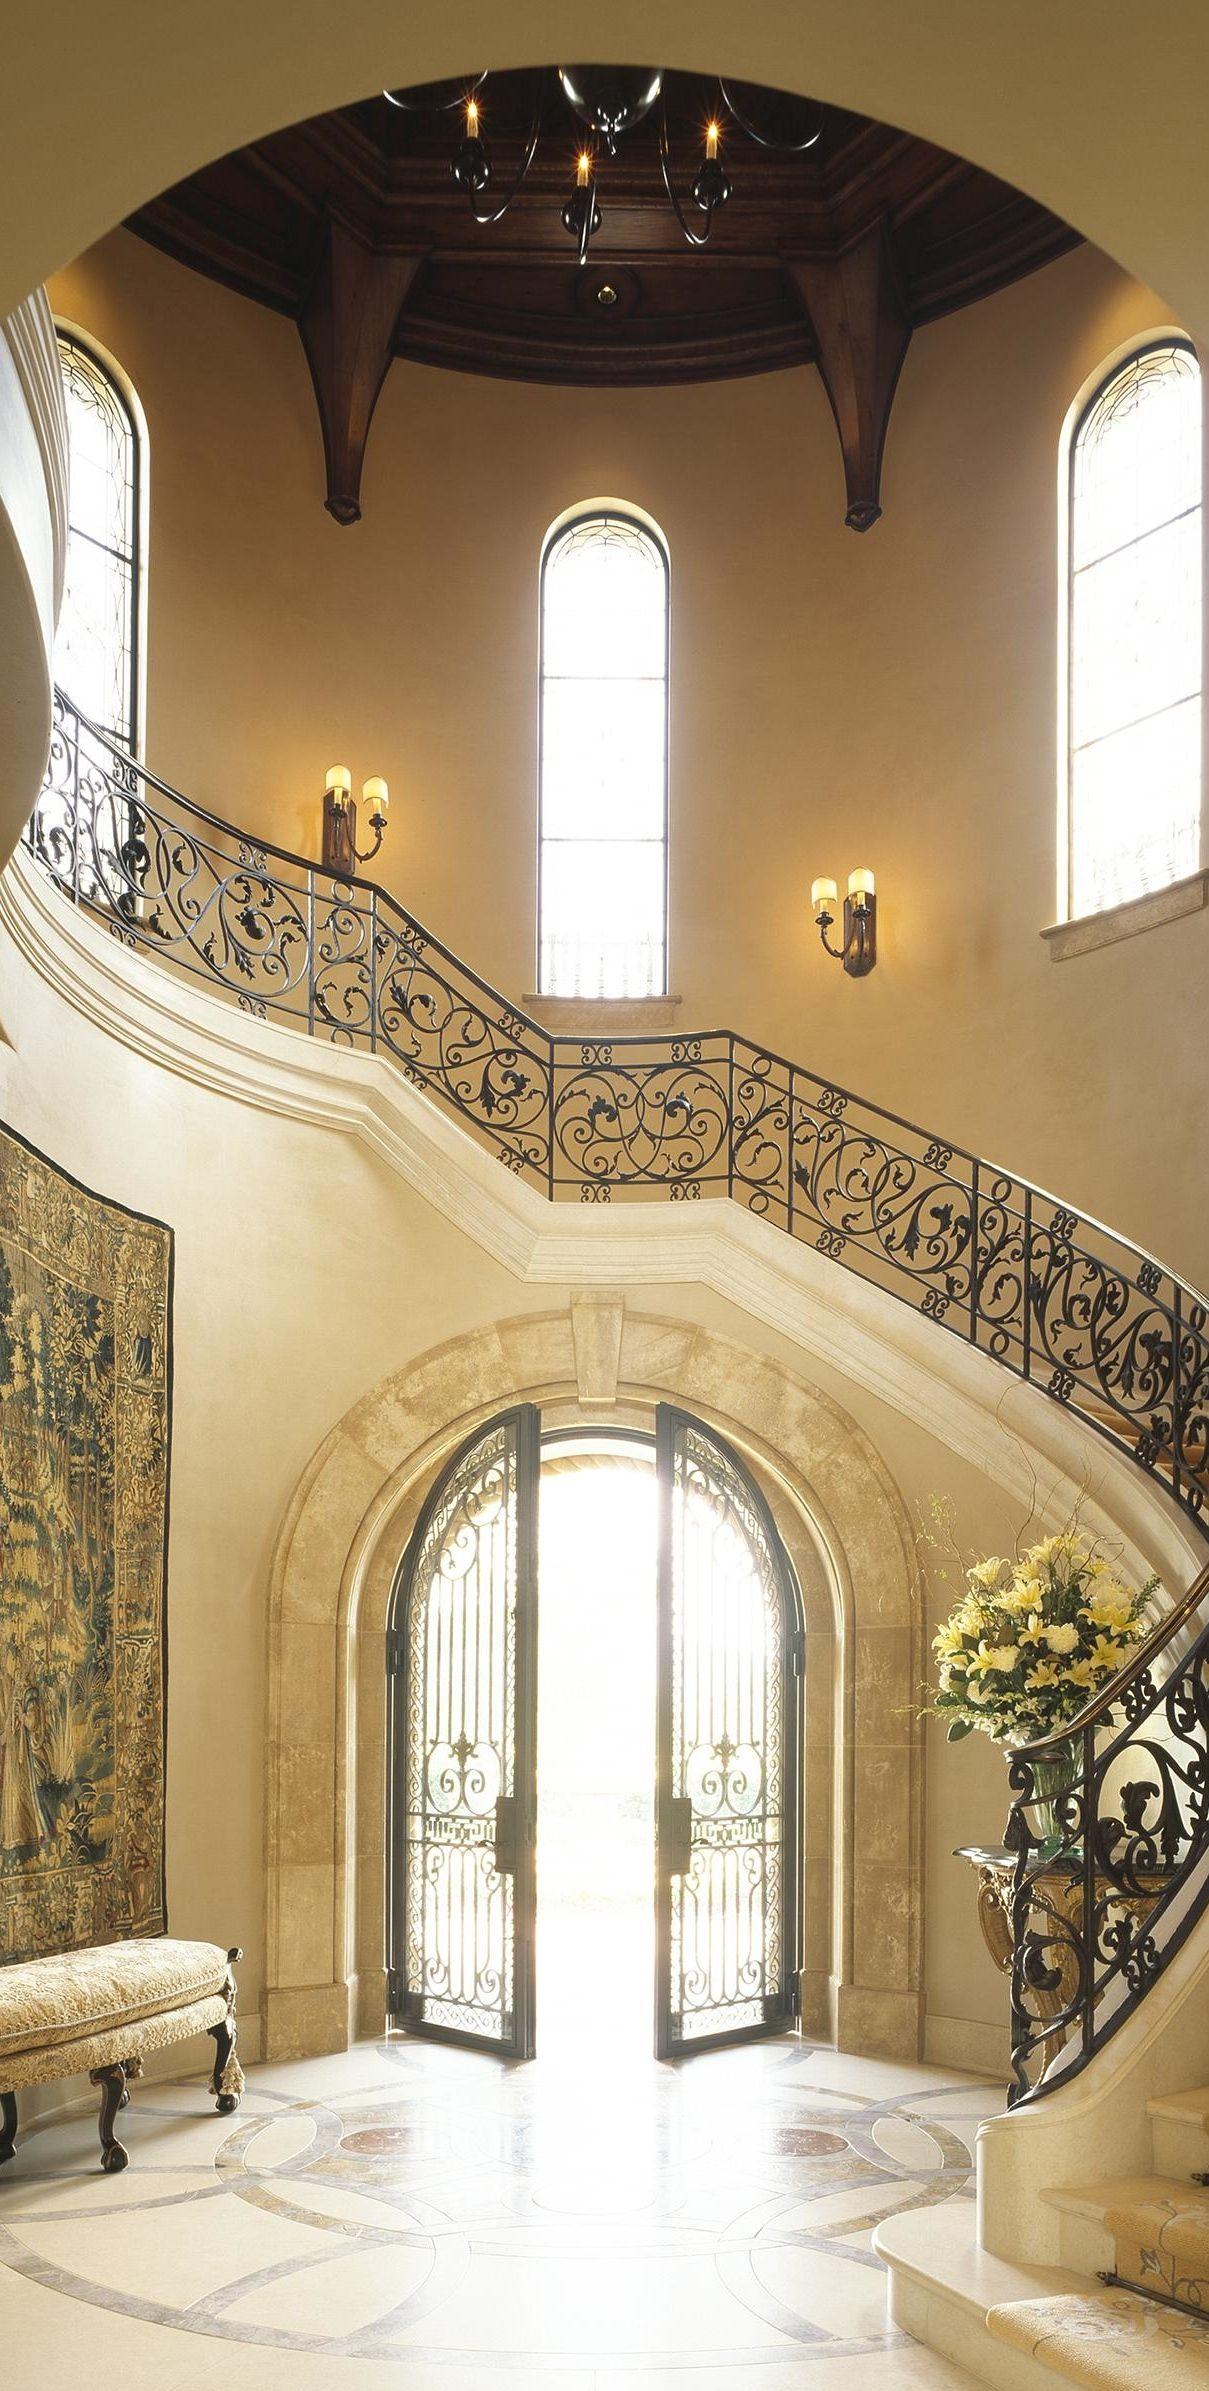 My dream home interior design gorgeous foyer design  stairways u foyers  pinterest  tuscan